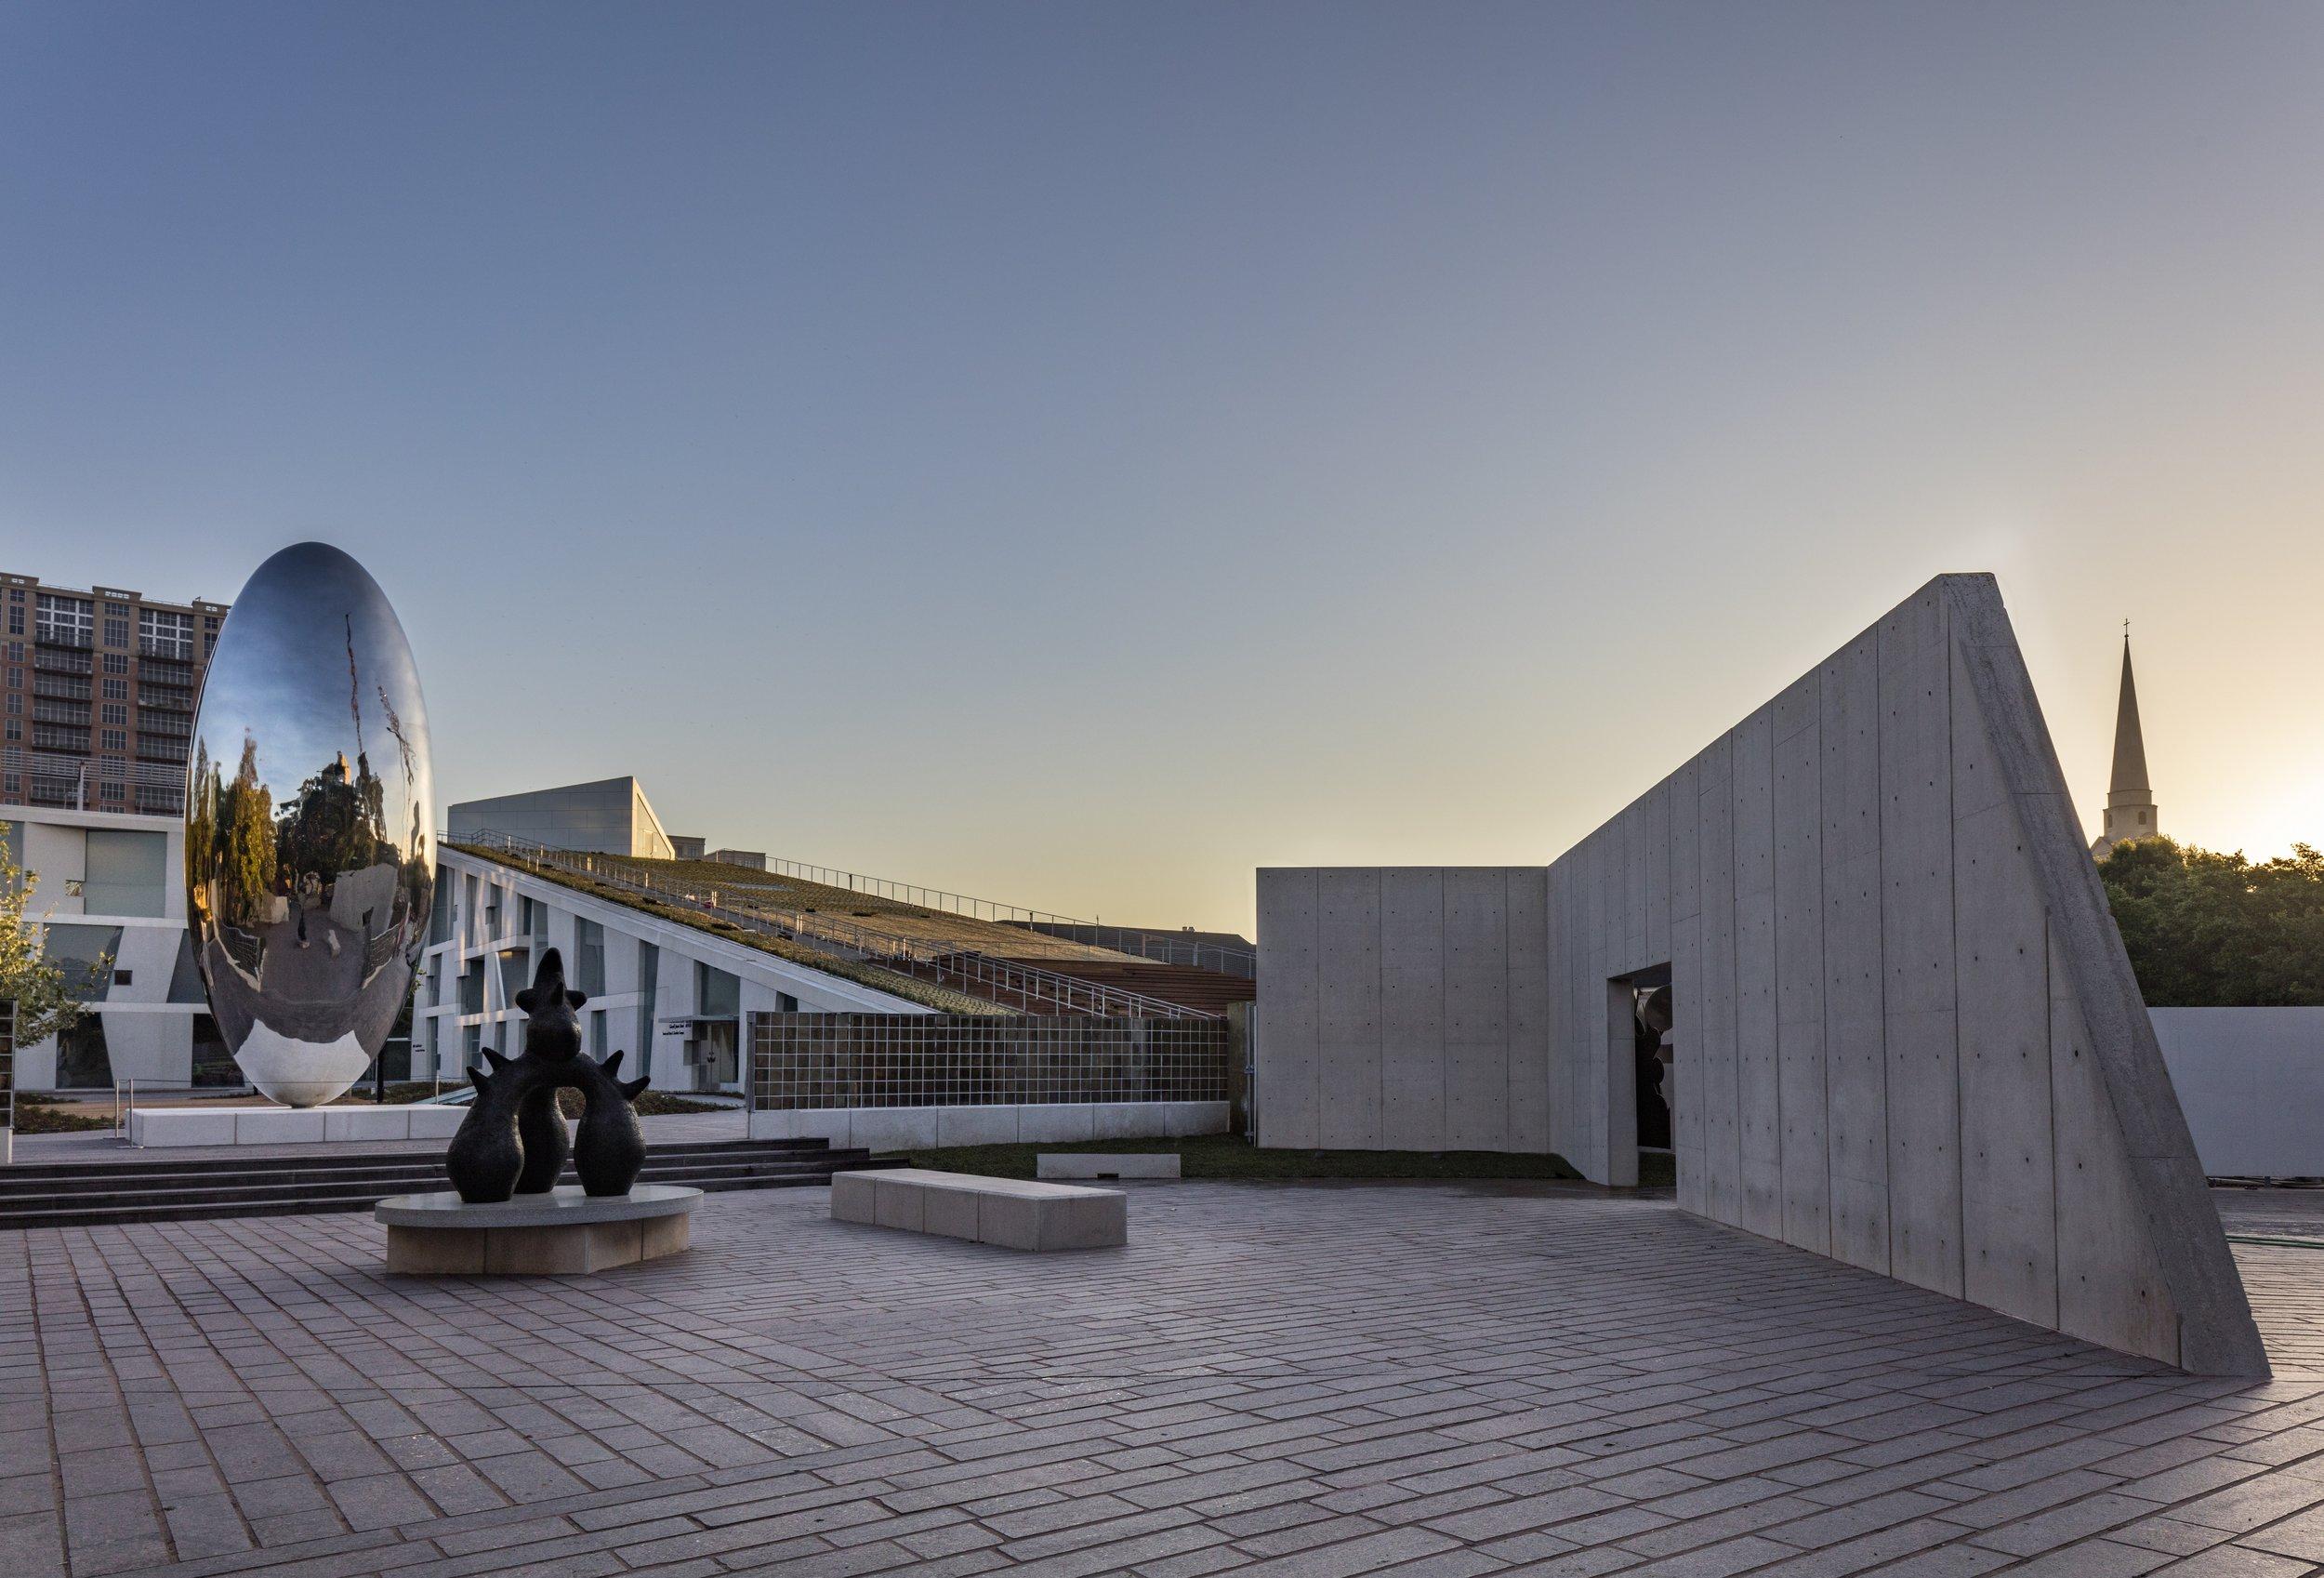 GSA final 3 - View of the Glassell School of Art from the Cullen Sculpture Garden; Photograph © Richard Barnes - Smaller.jpg